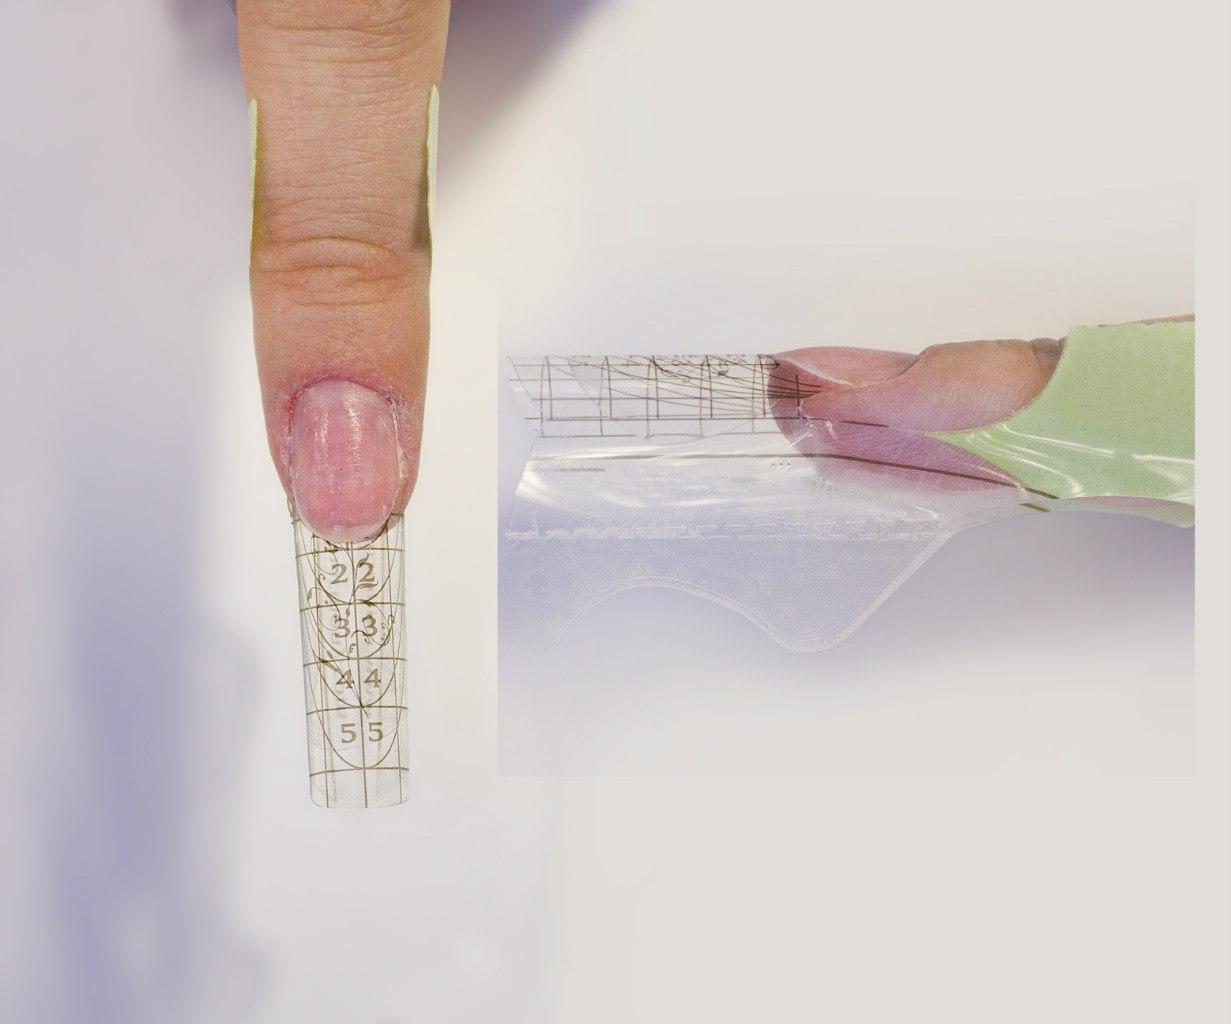 Наращивание ногтей гелем инструкция